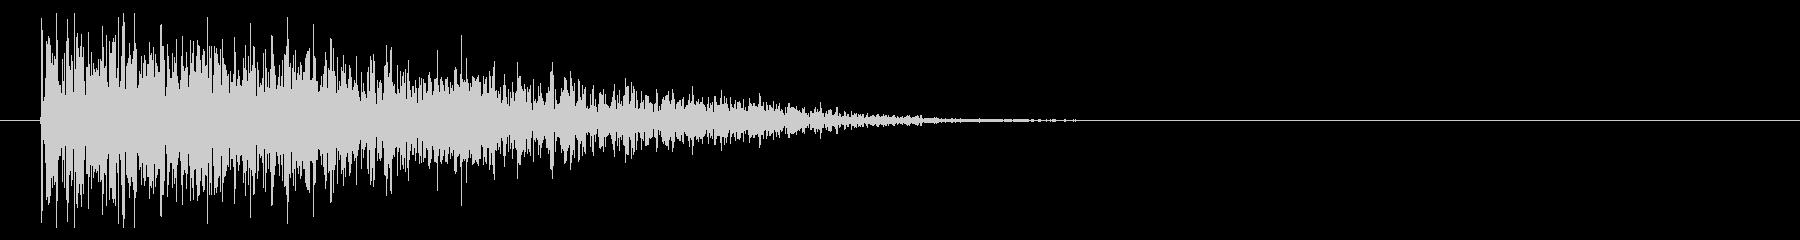 8ビット風爆発音-02-4_revの未再生の波形